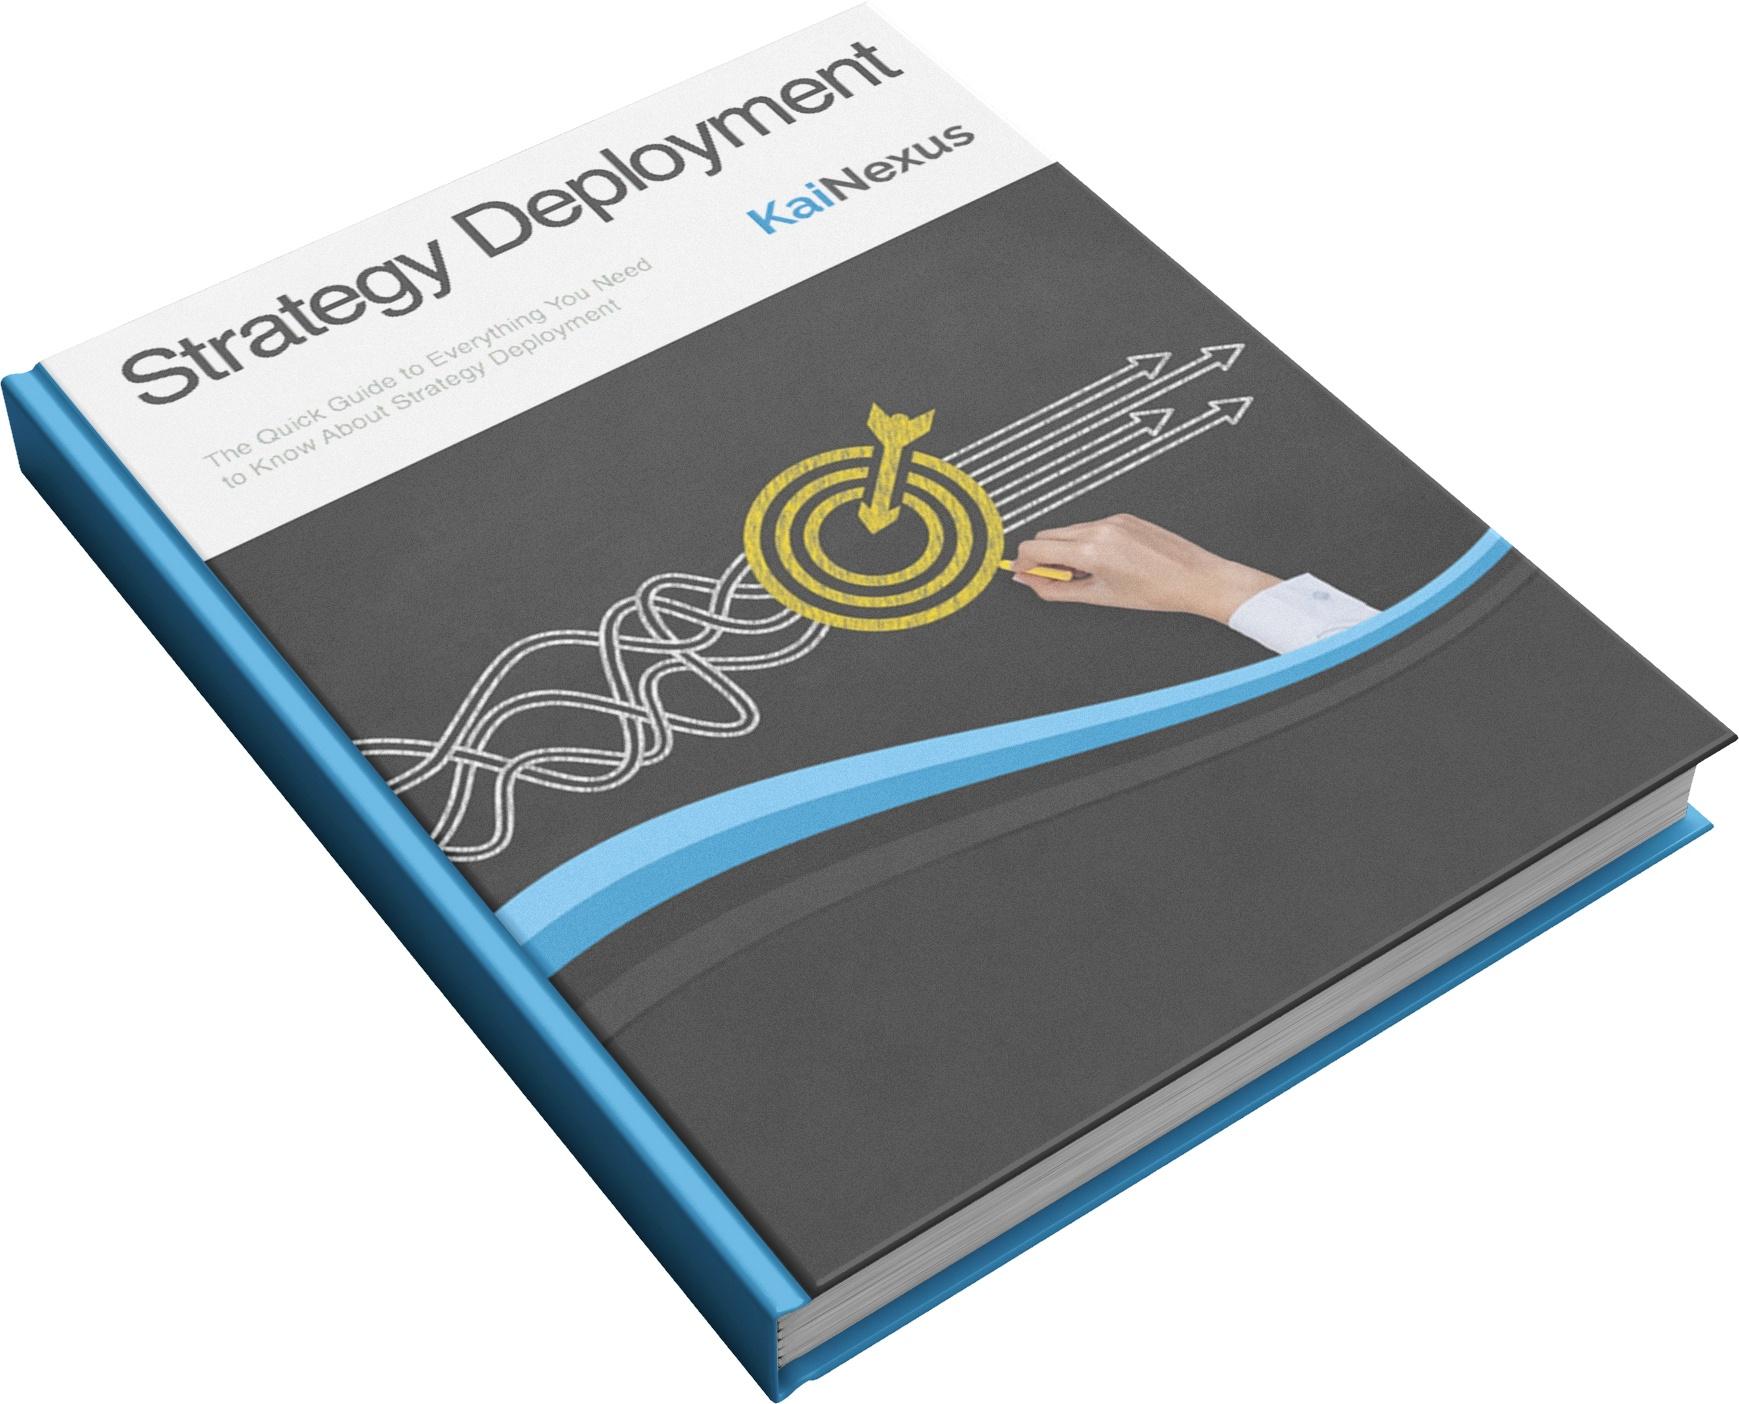 Strategy Deployment eBook